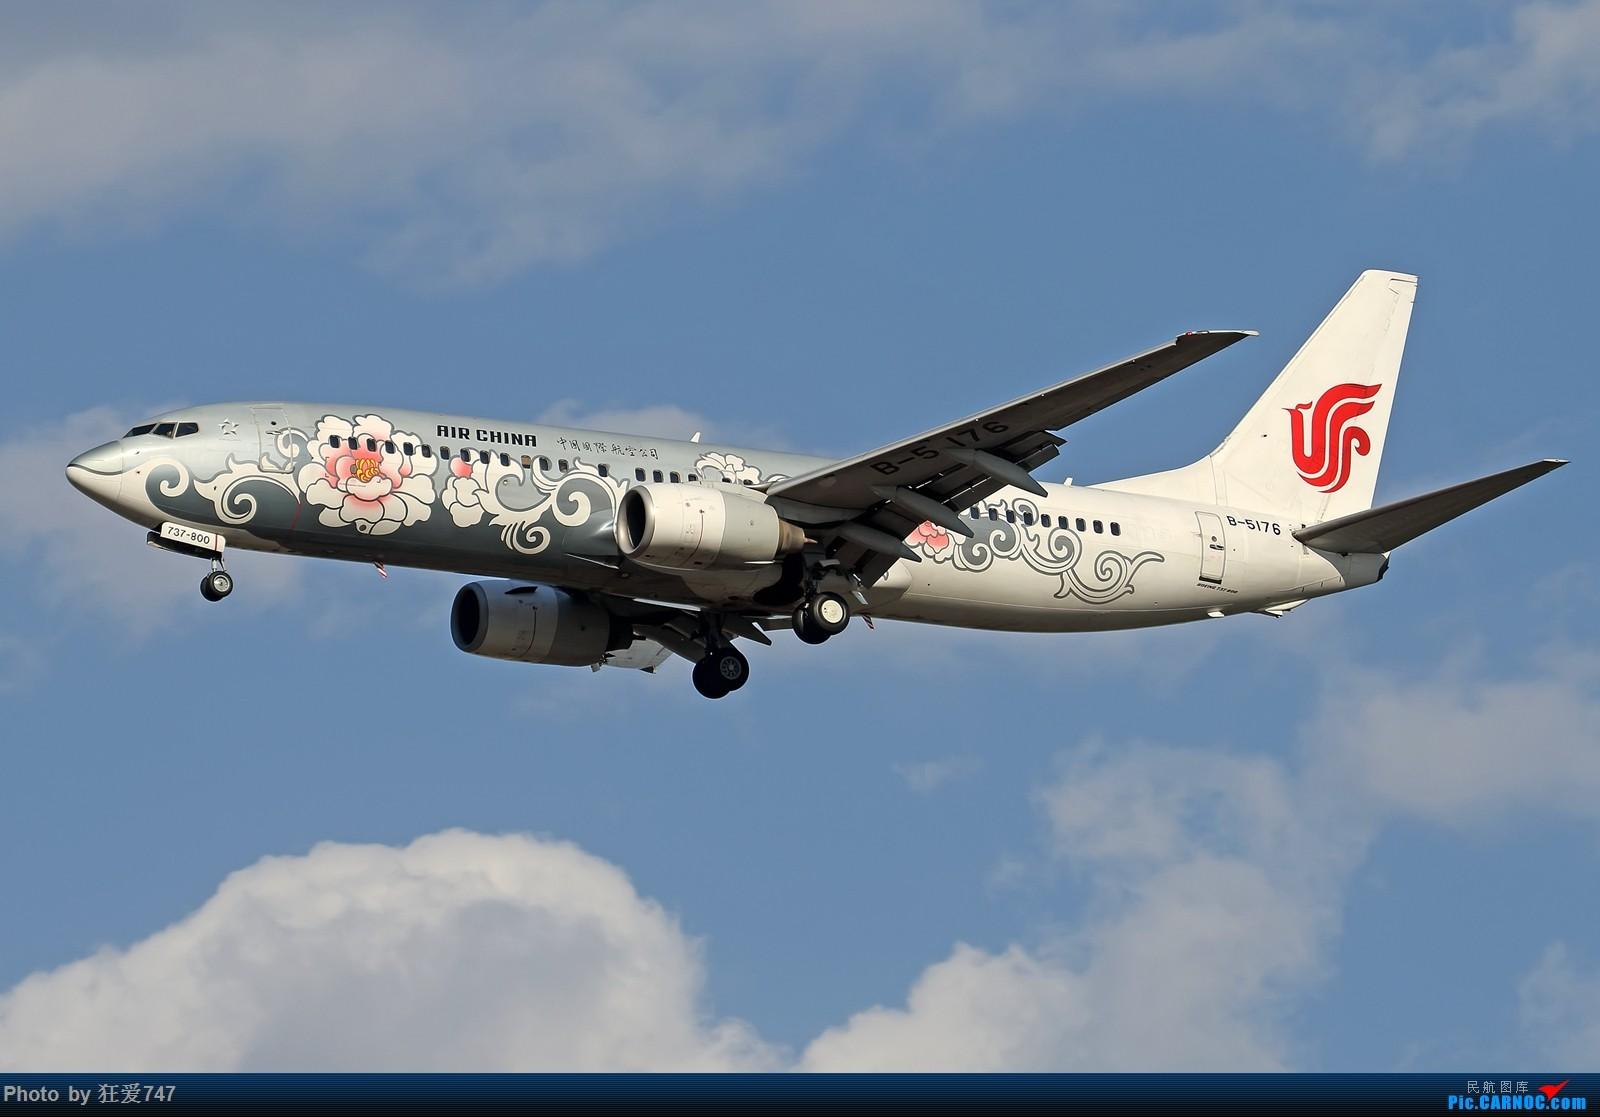 Re:[原创]沙尘暴过后北京天空进入蓝天白云模式 BOEING 737-800 B-5176 中国北京首都国际机场